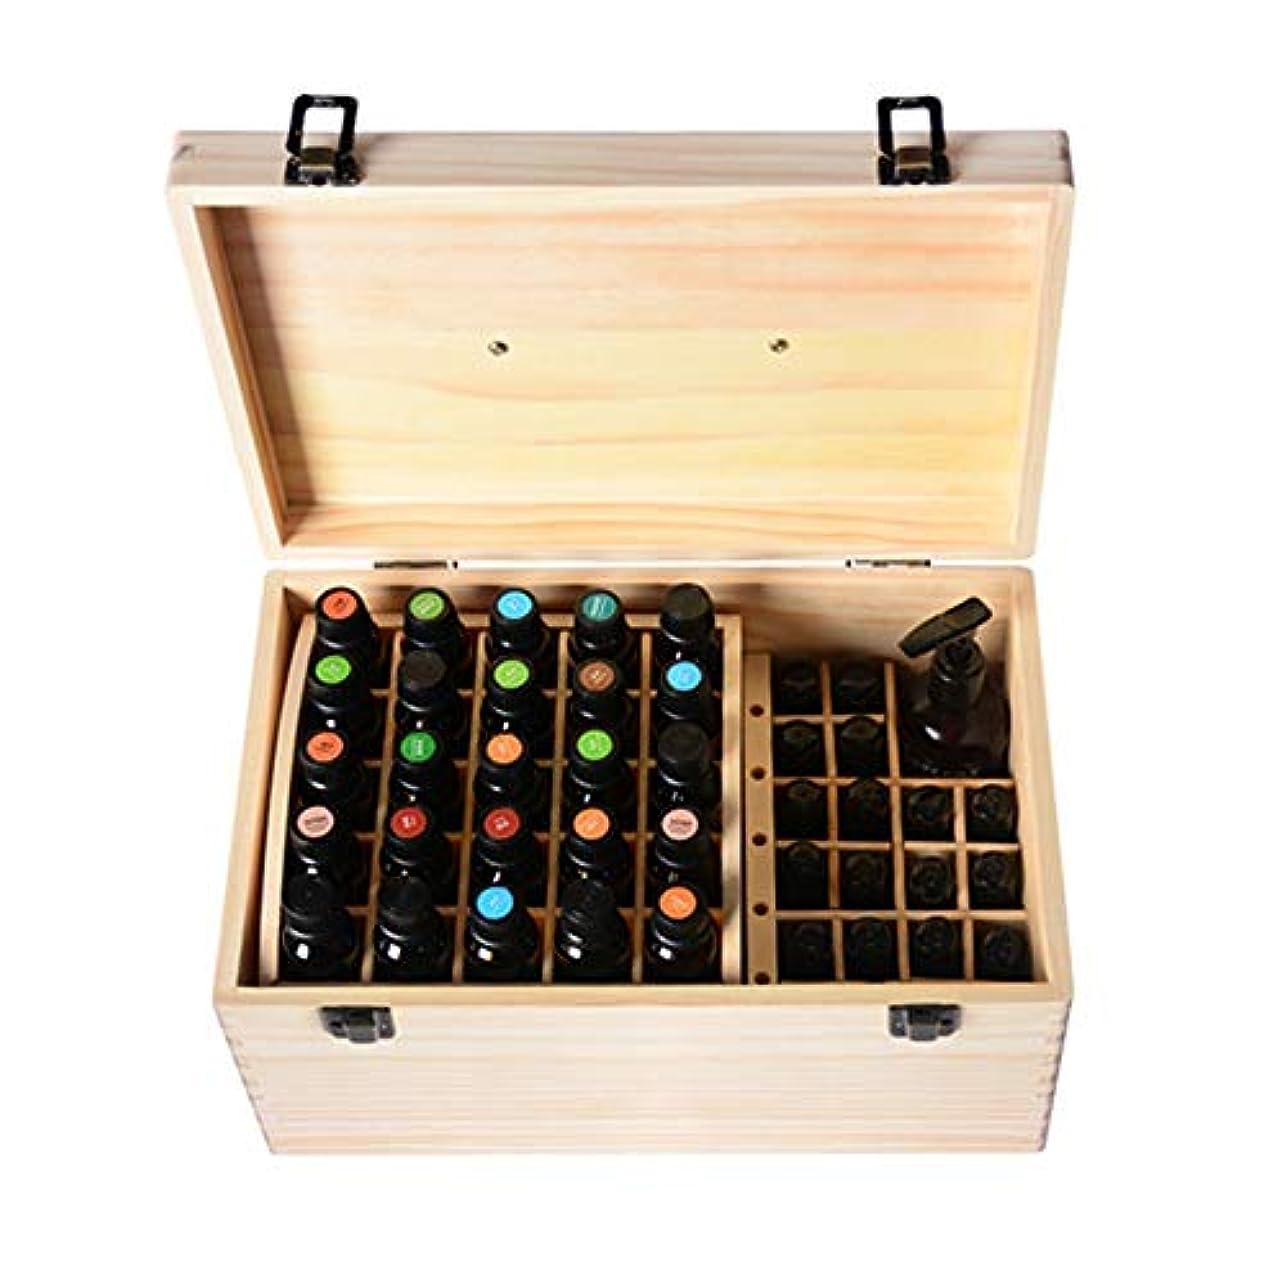 愛撫追い出す衝動74スロット木エッセンシャルオイルボックス収納ケース内部のリムーバブルは15/10 M1のボトルナチュラルパインを開催します アロマセラピー製品 (色 : Natural, サイズ : 35X20X16.5CM)